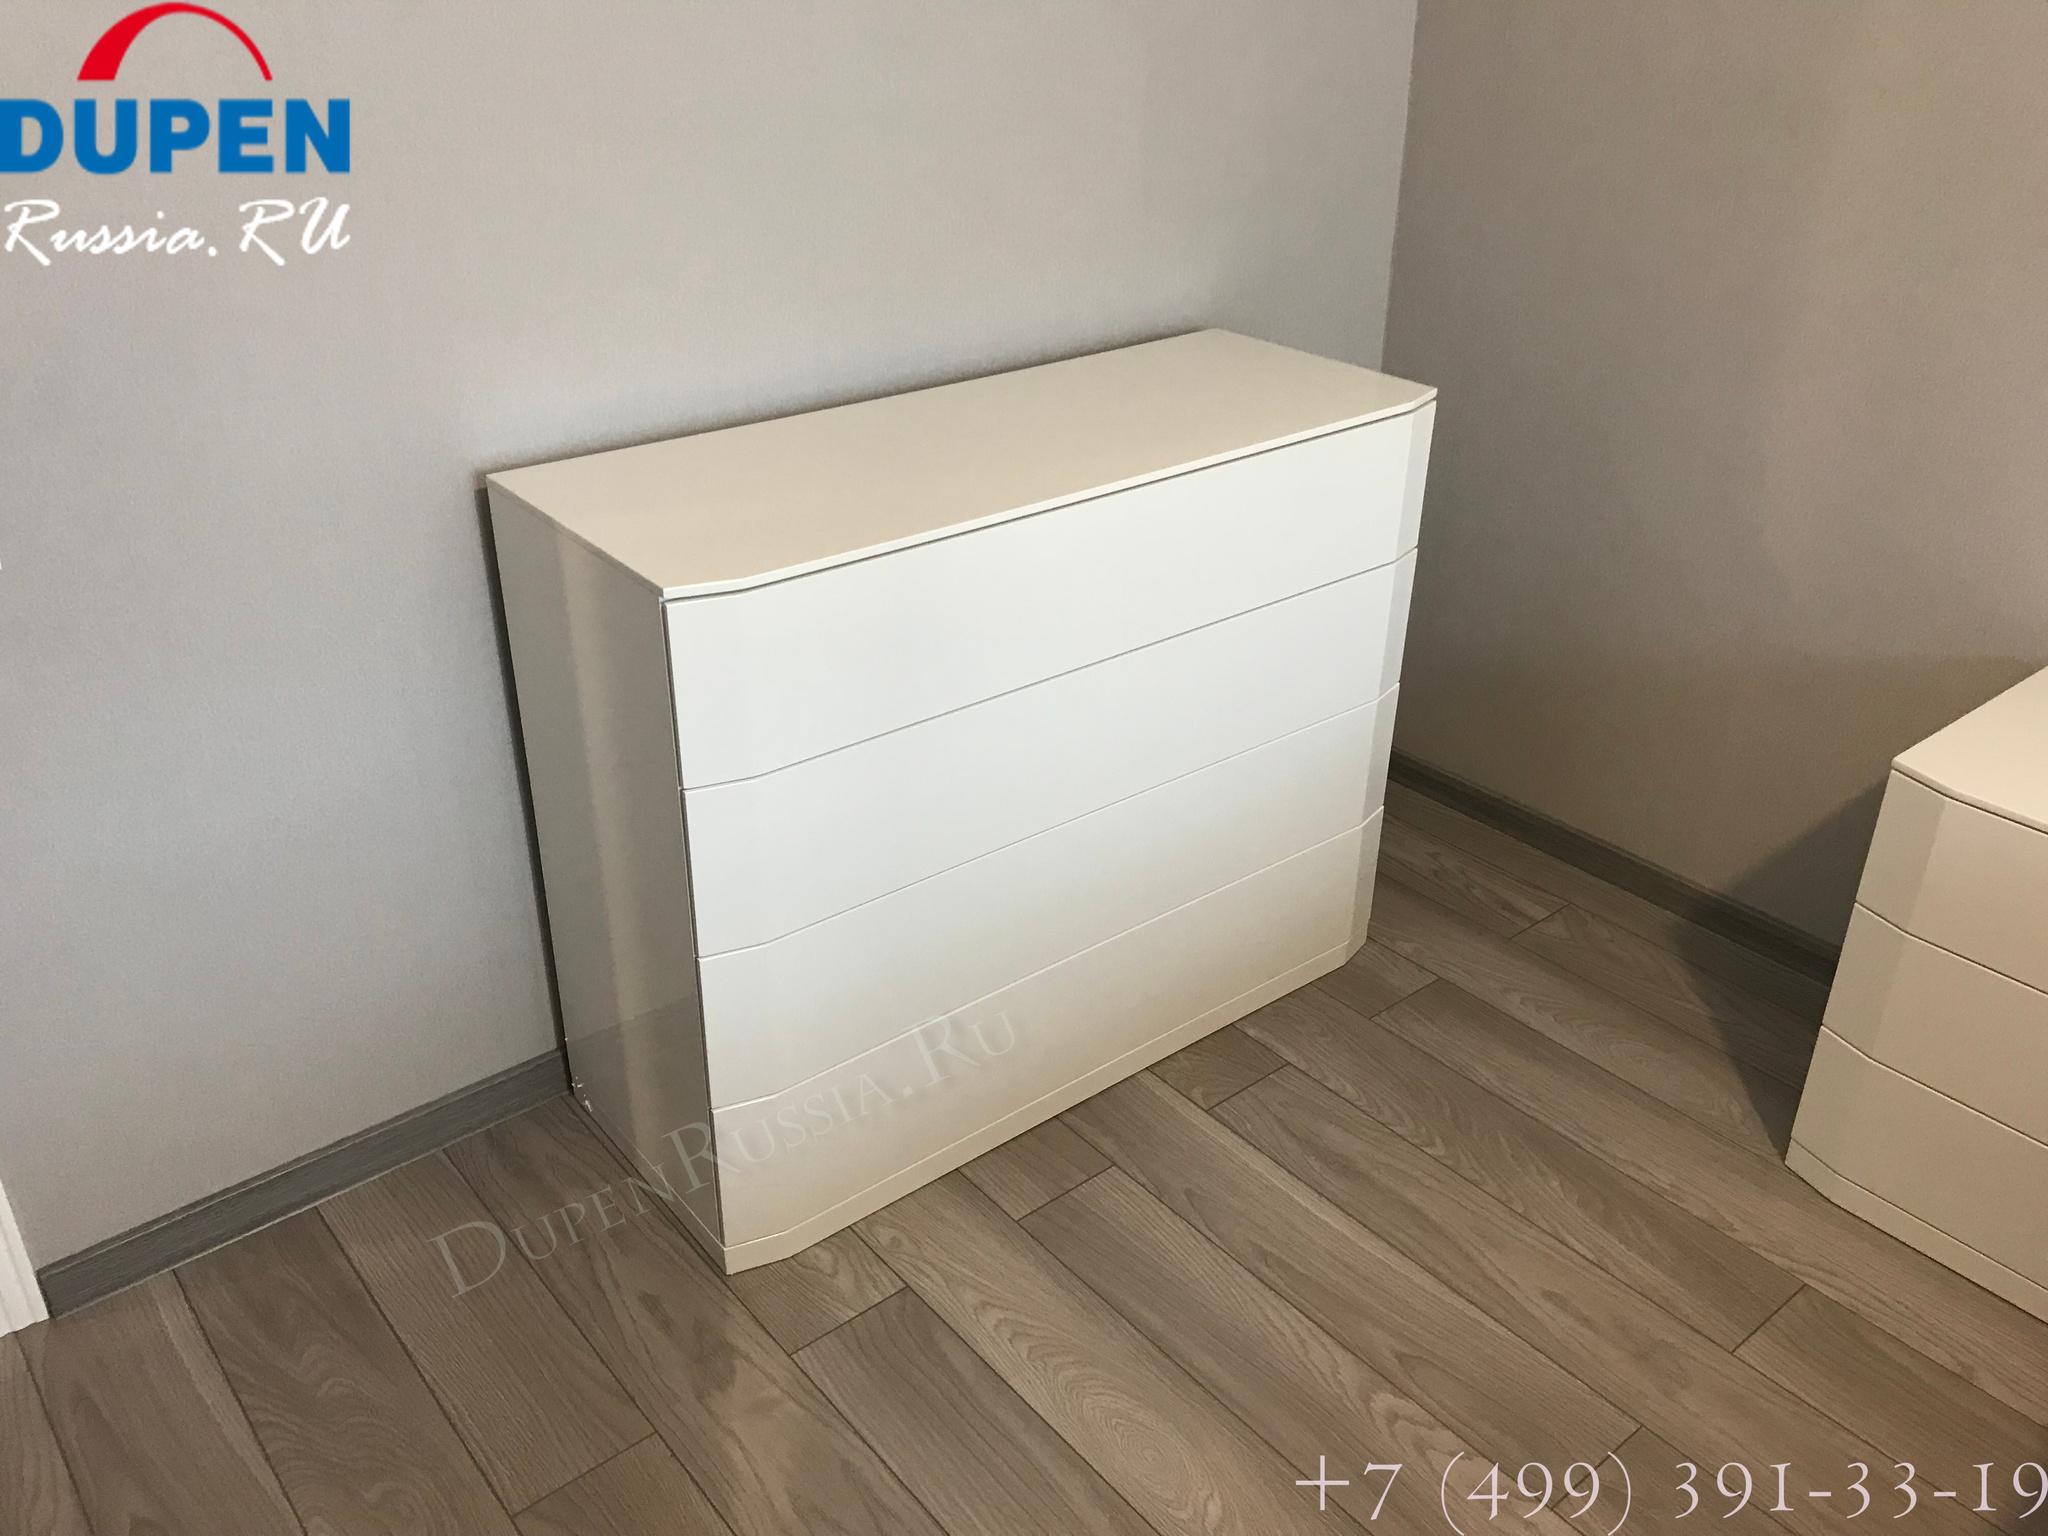 Комод горизонтальный DUPEN (Дюпен) С-102 белый